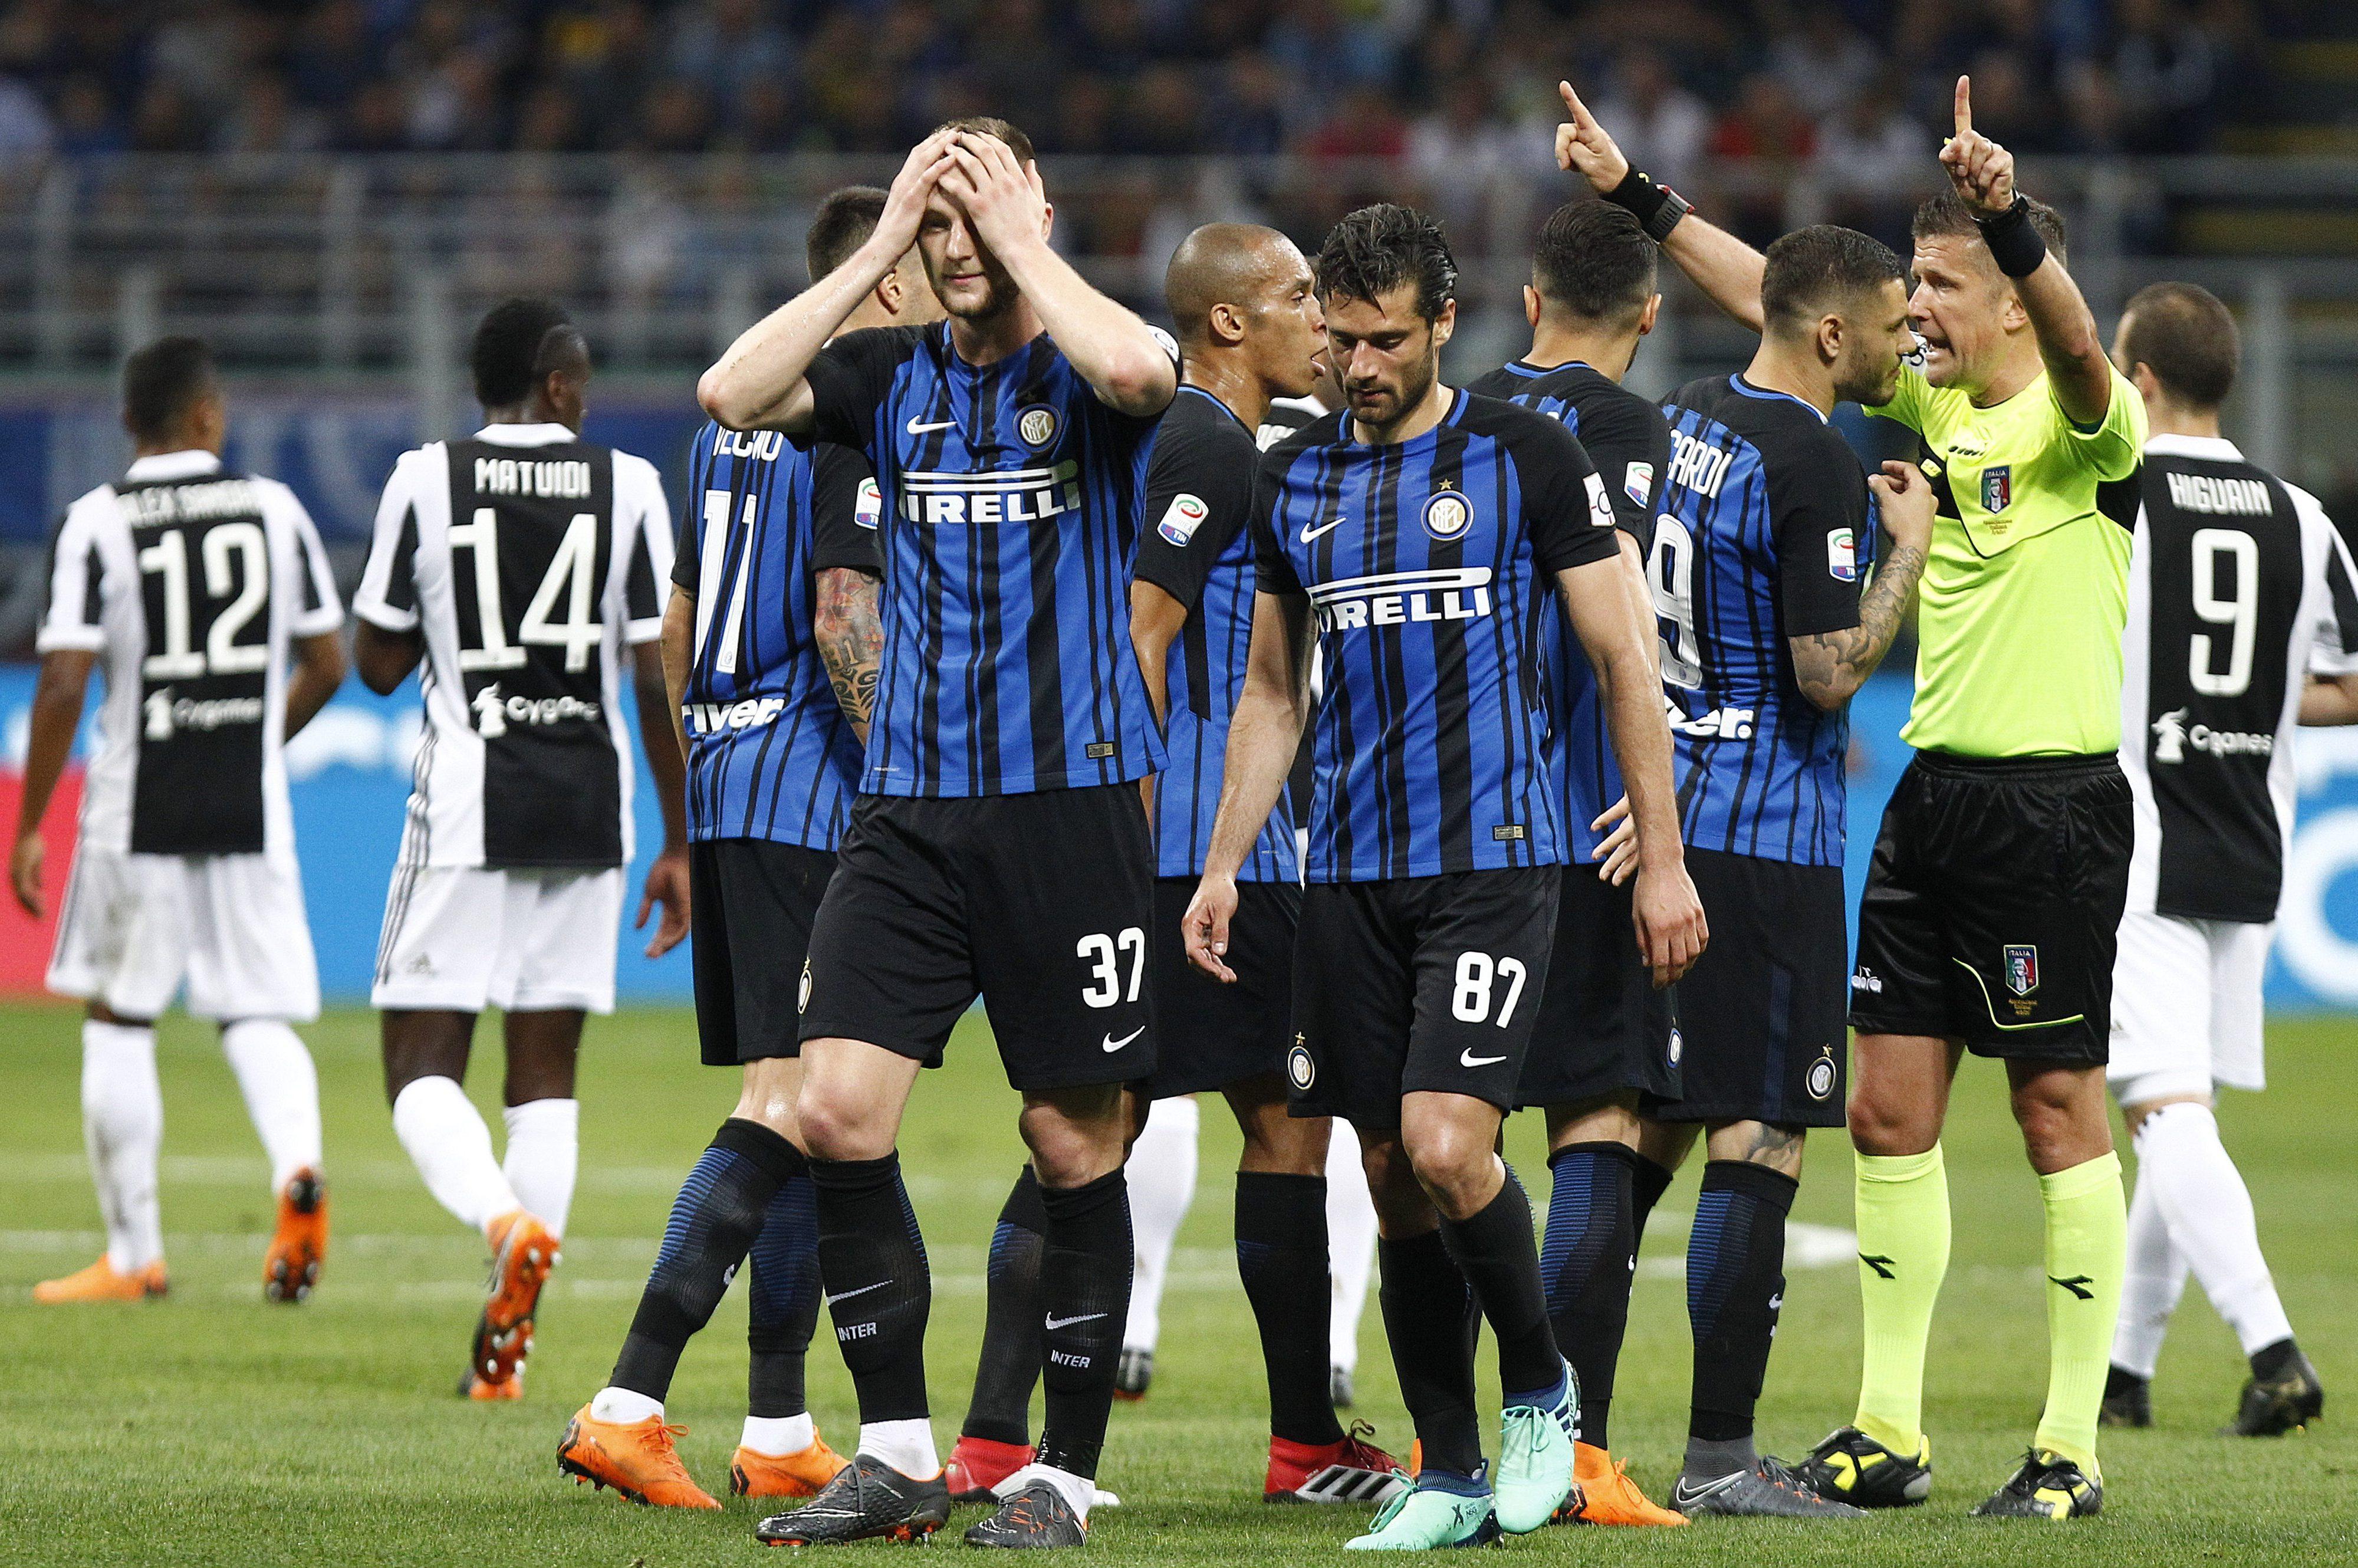 8a72dcc6ff Articolo 12 del regolamento: perché in Inter-Juve Orsato ha espulso Vecino  e non Barzagli